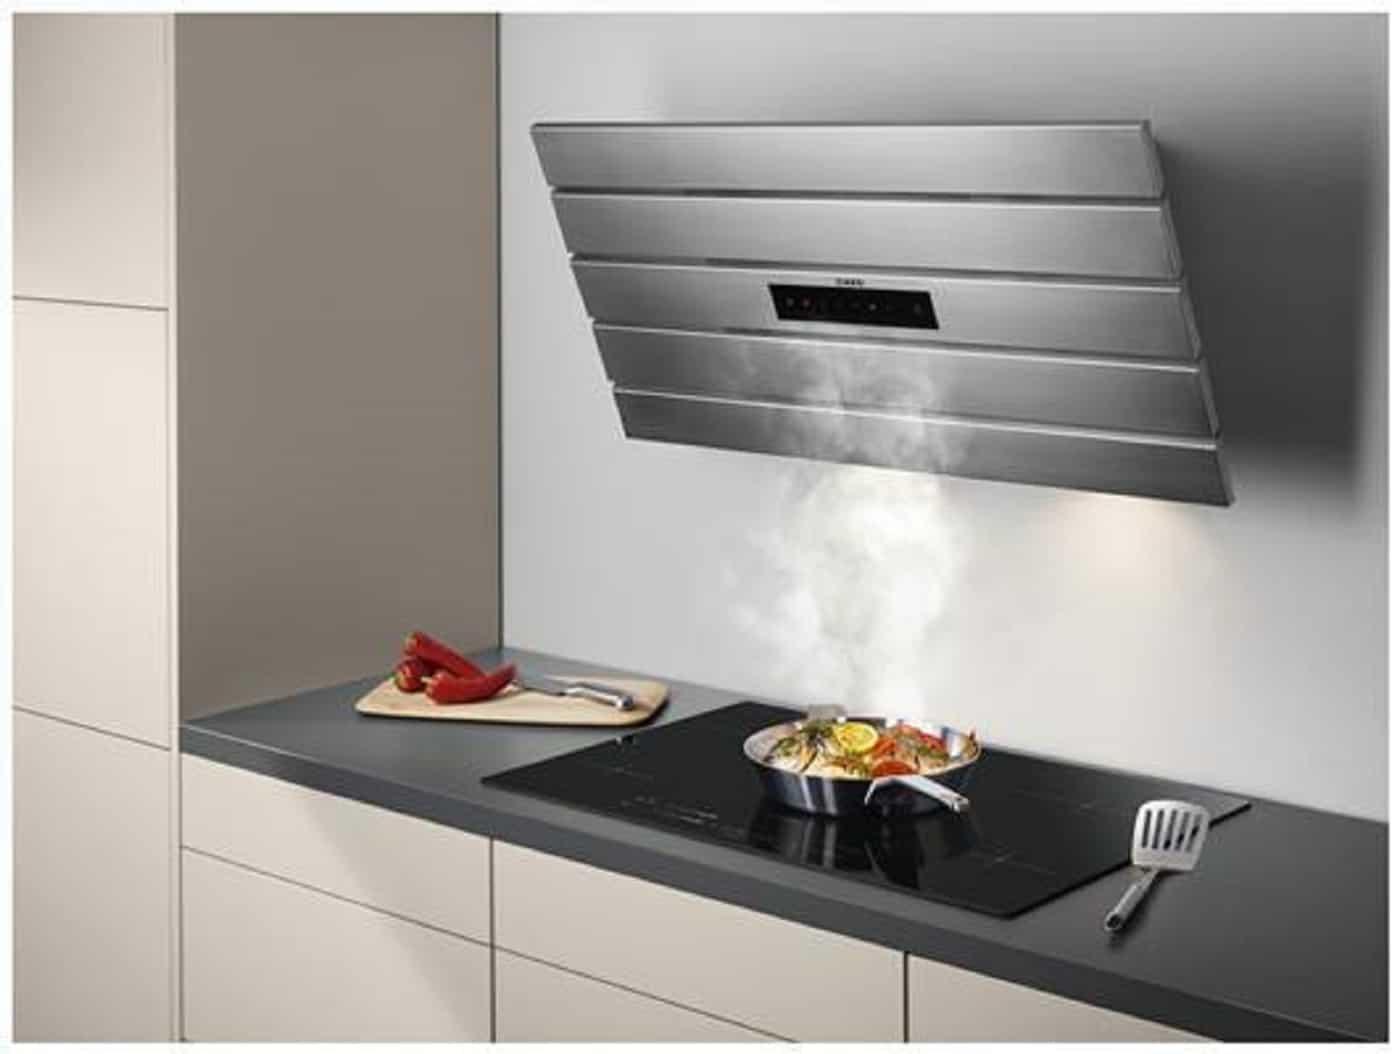 شفاط مطبخ مسطح بدون مدخنة